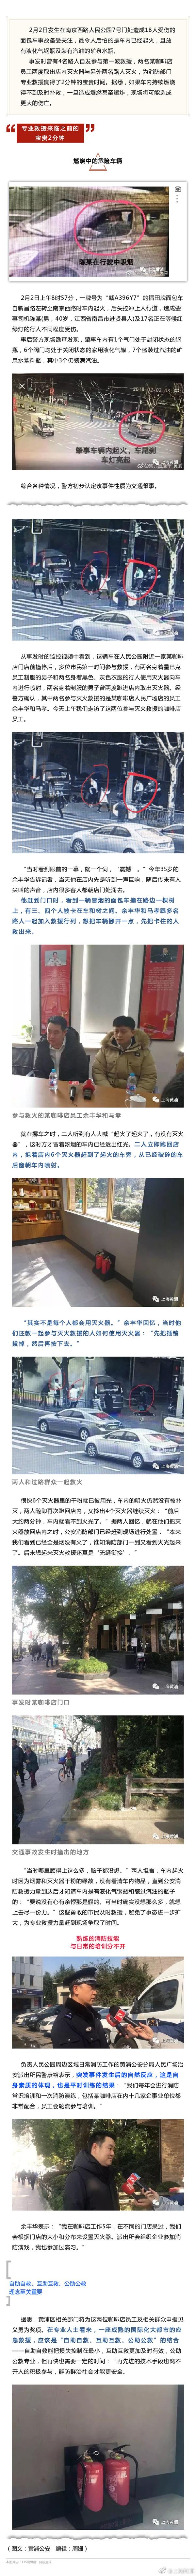 """上海黄浦将为""""面包车事故""""中4名救火人员申报见义勇为奖项"""